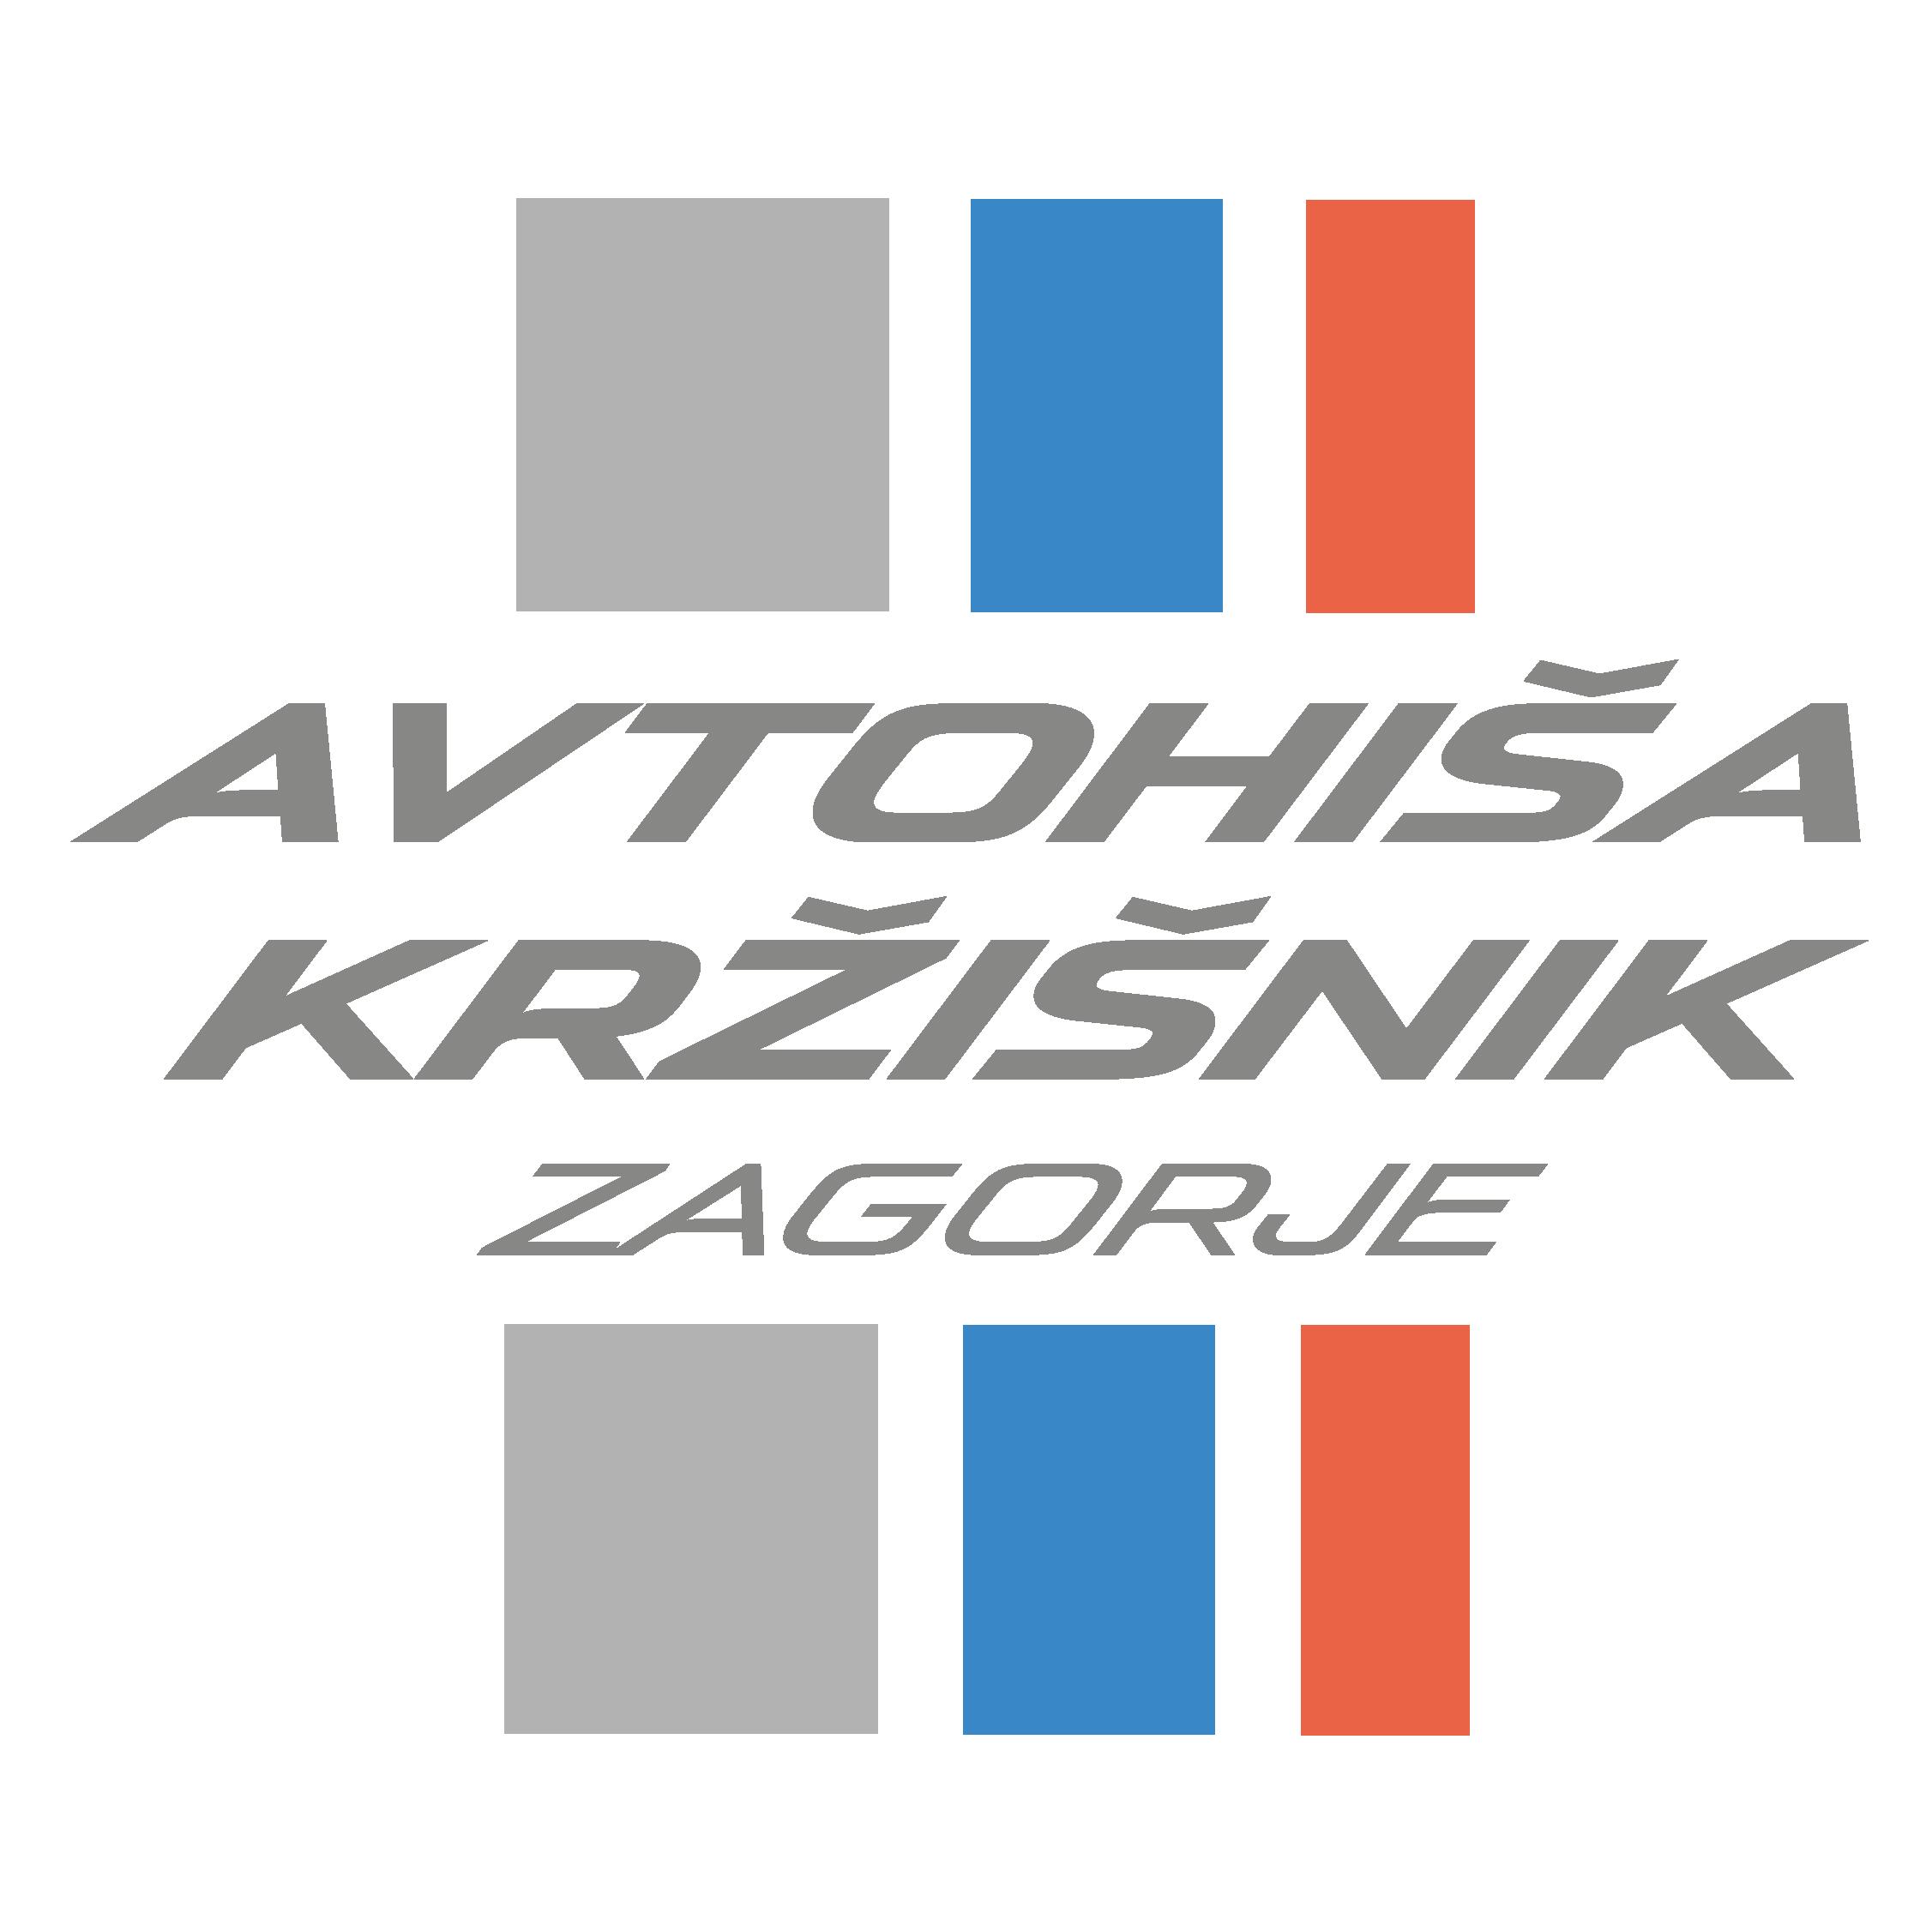 Avtohiša Kržišnik, d.o.o.